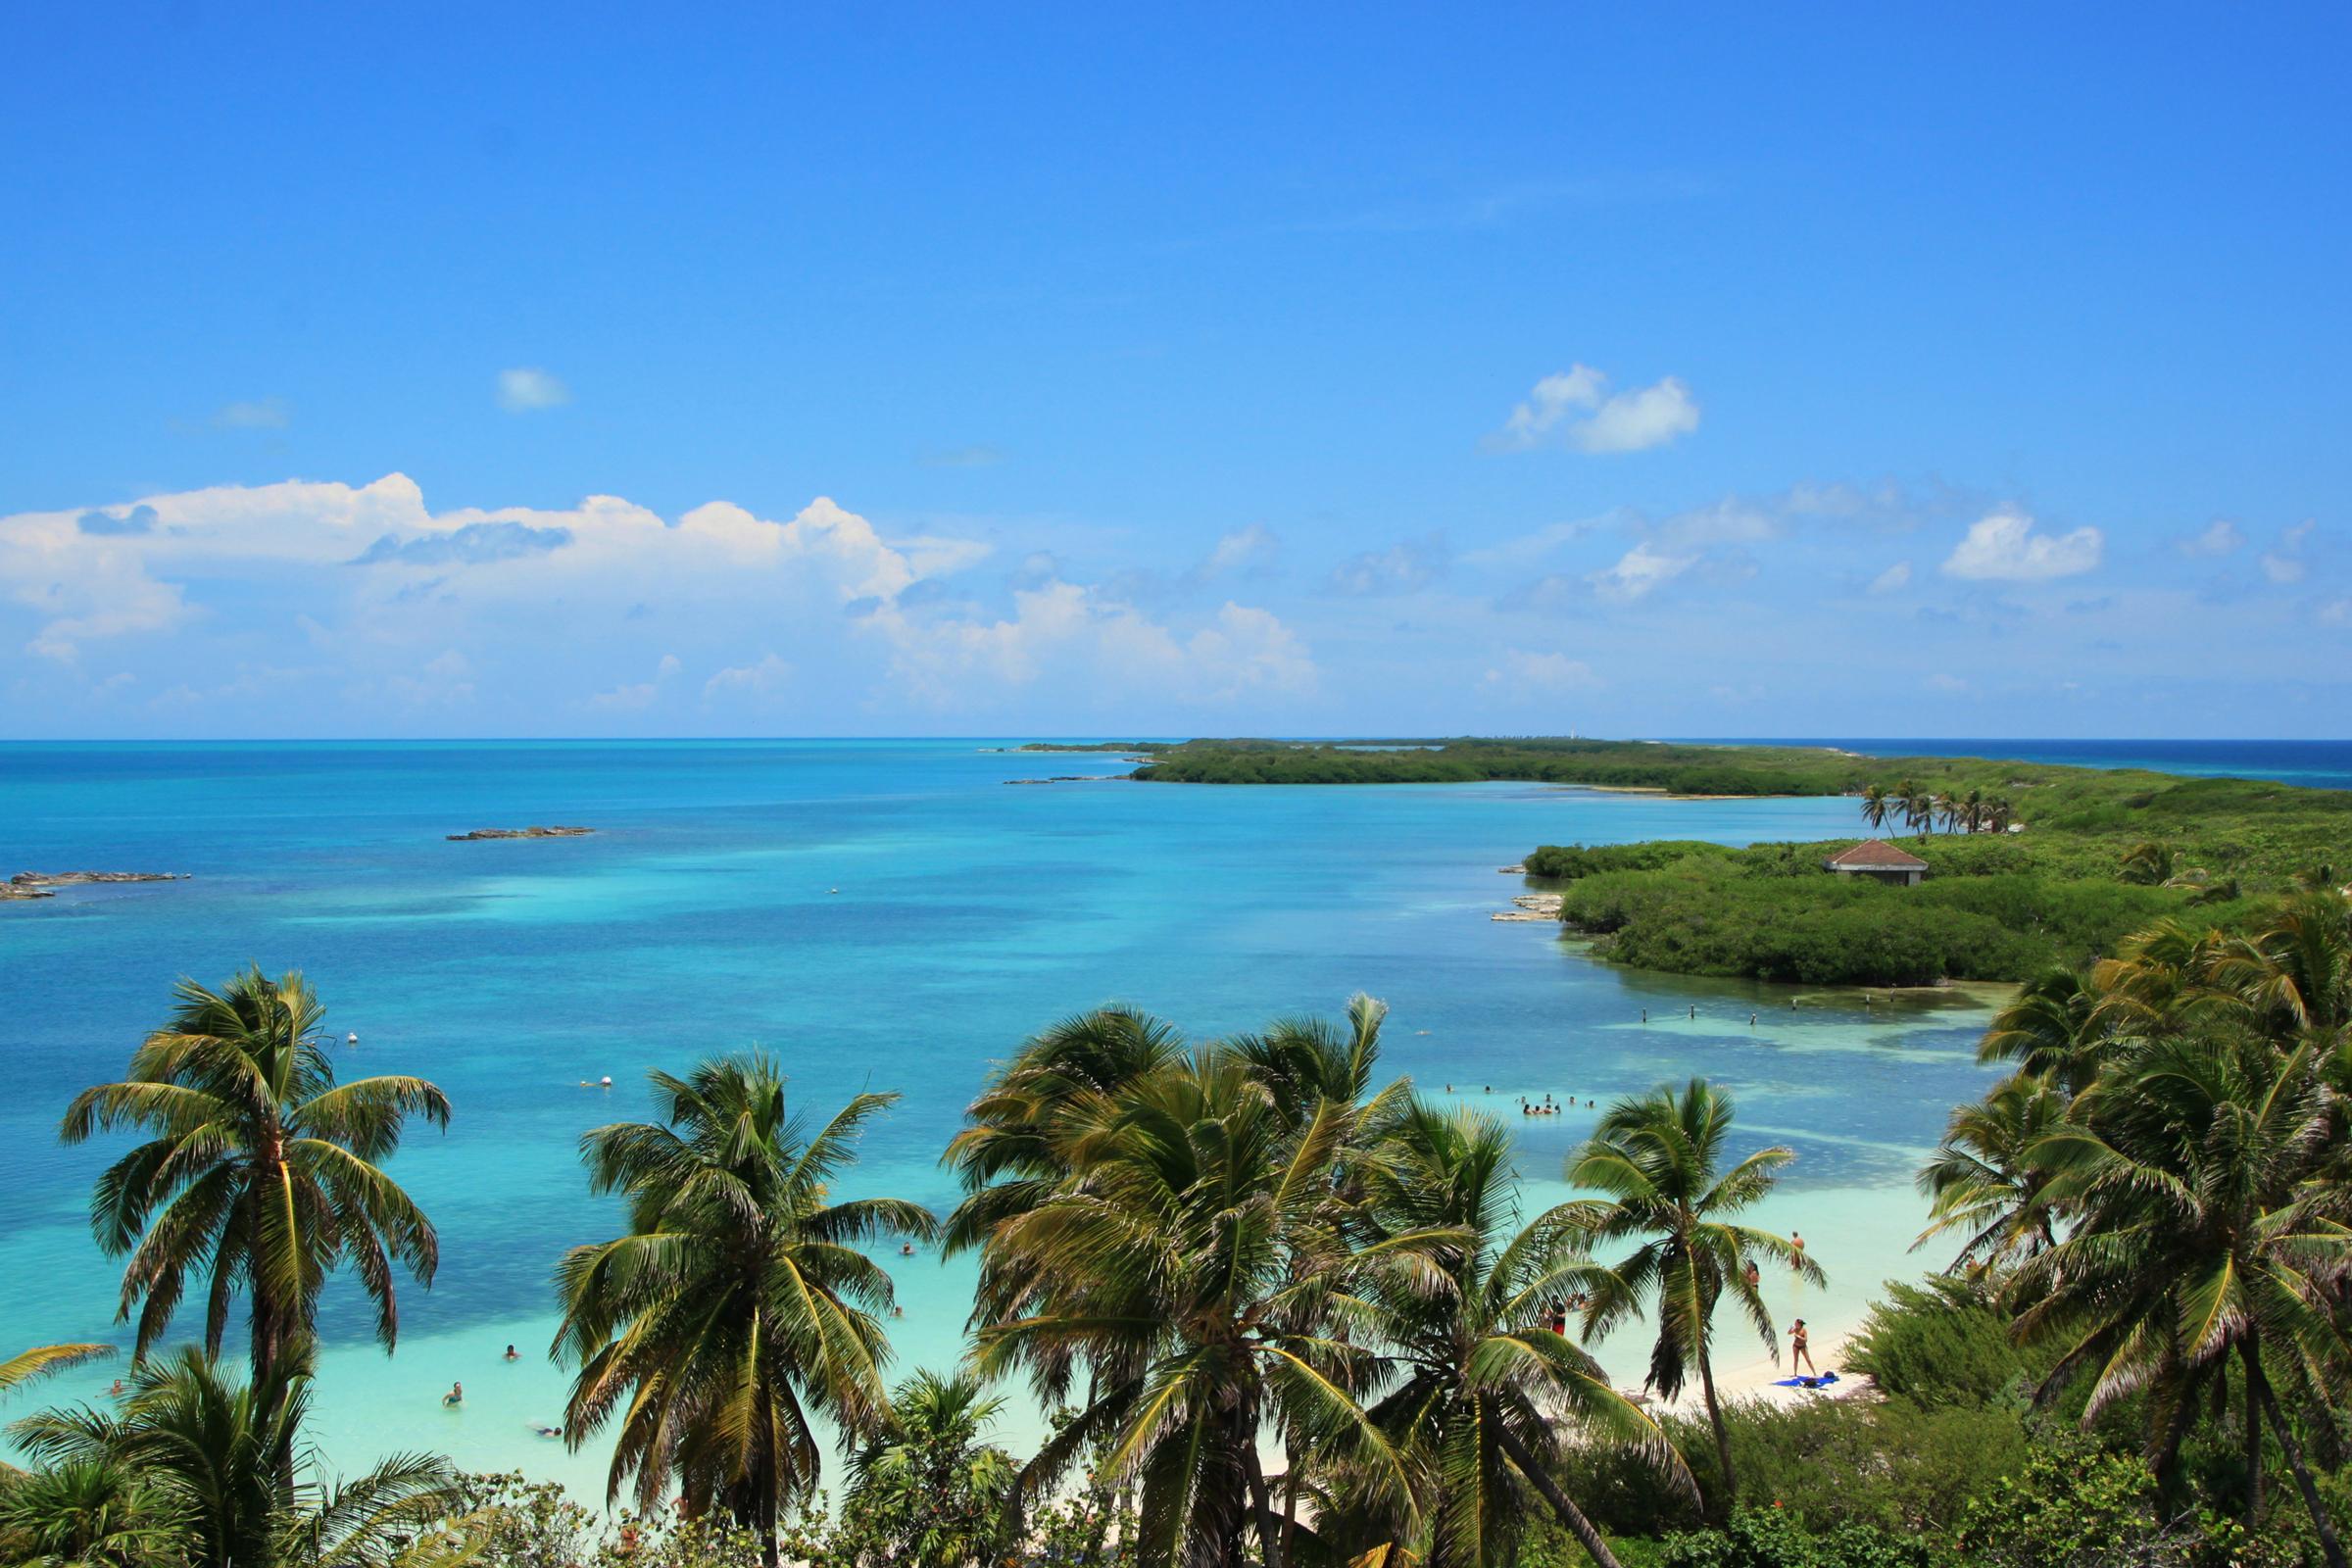 Обои для рабочего стола Мексика Cancun Море Природа Пальмы берег 2400x1600 пальм пальма Побережье